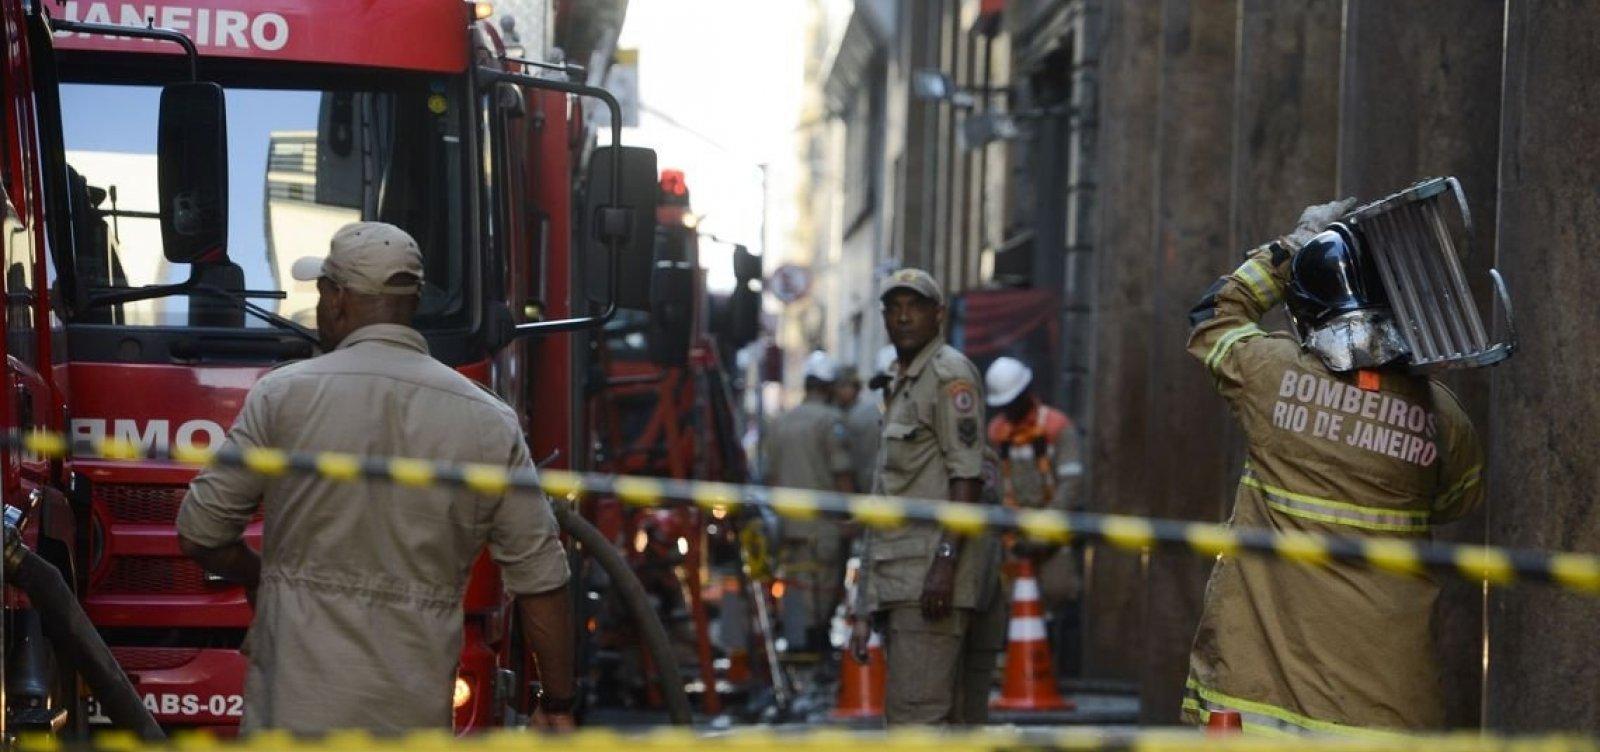 [Bombeiros são chamados para combater possível novo foco de incêndio em boate no RJ]